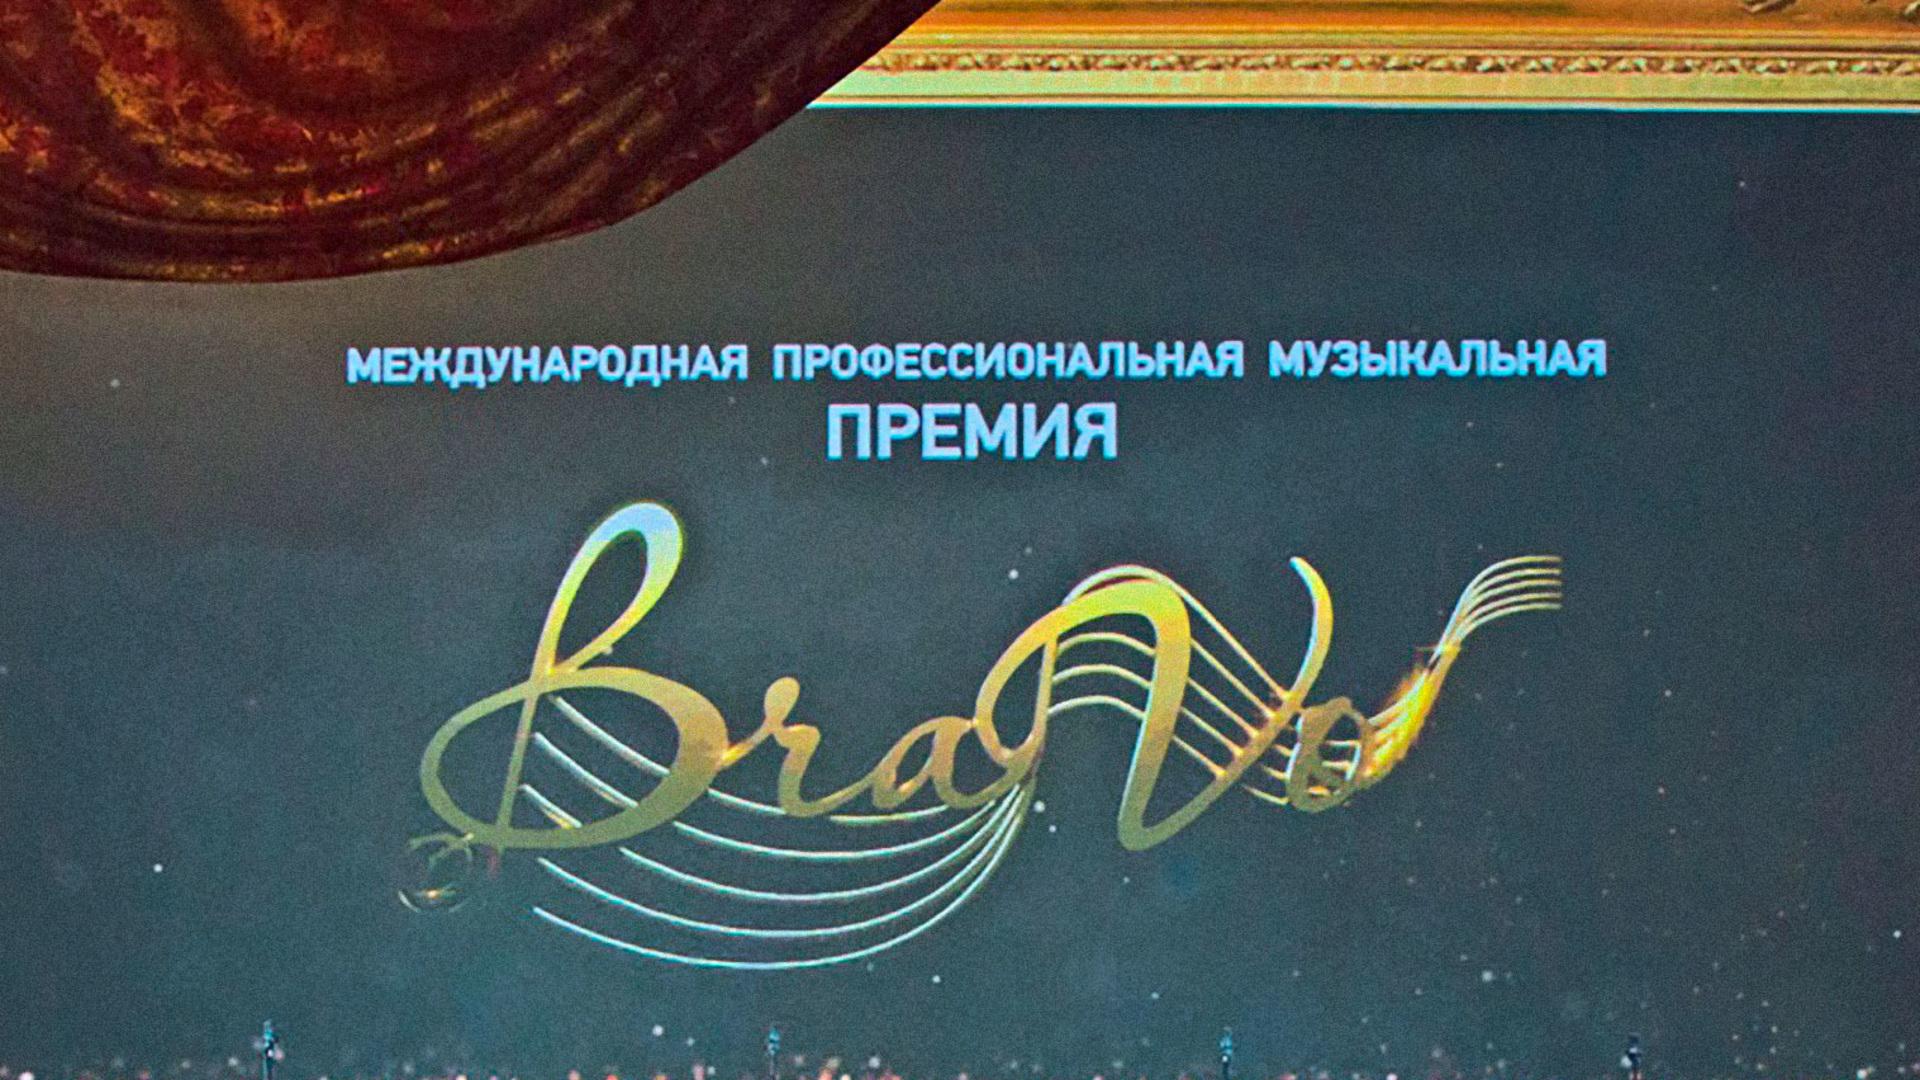 """Международная профессиональная музыкальная премия """"BraVo"""""""